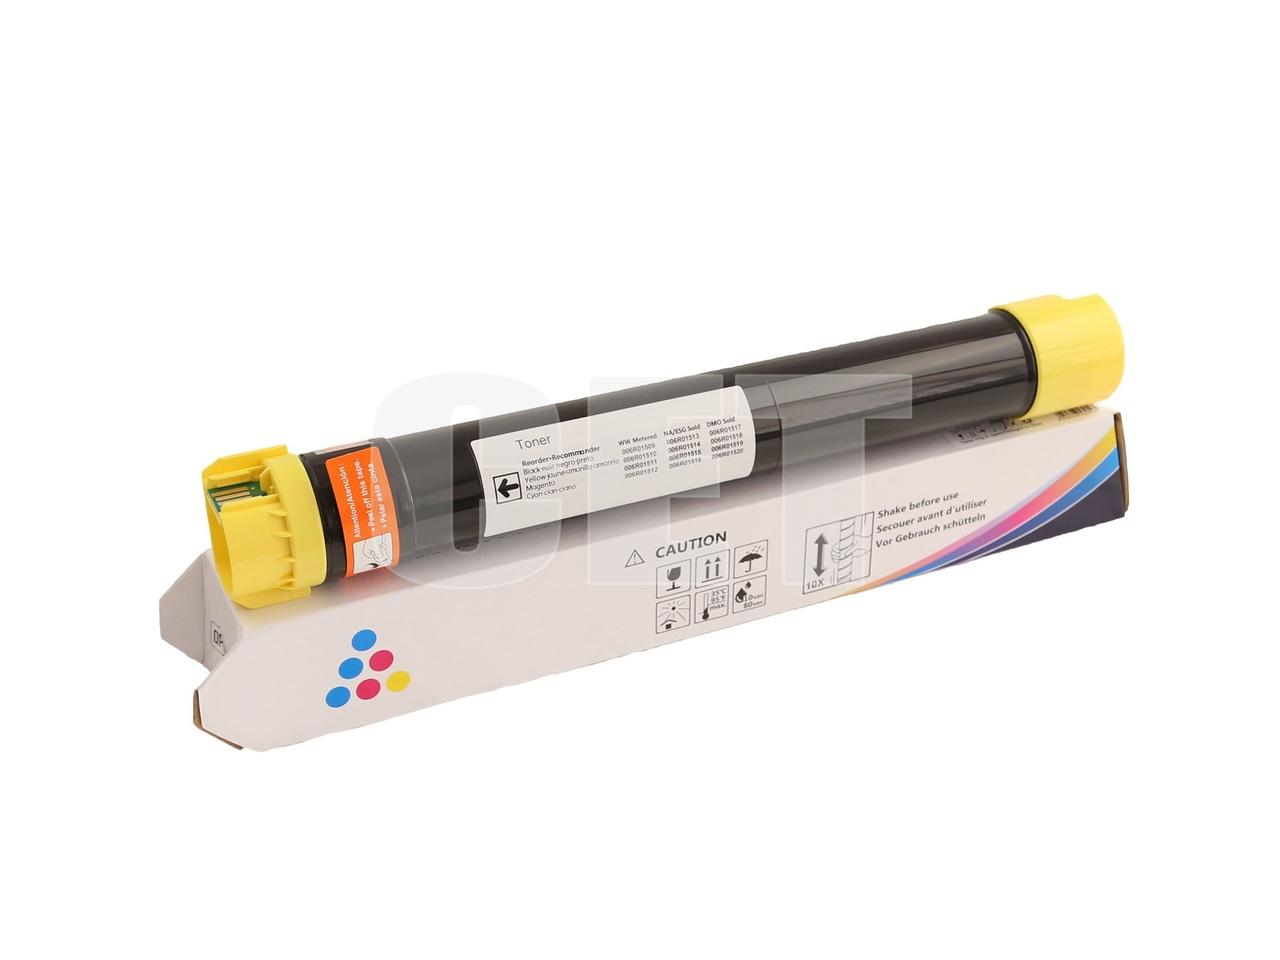 Тонер-картридж (CPT) 006R01514 для XEROX WorkCentre7525/7530/7535/7830/7840 (CET) Yellow, 360г, 15000 стр.,CET8644Y